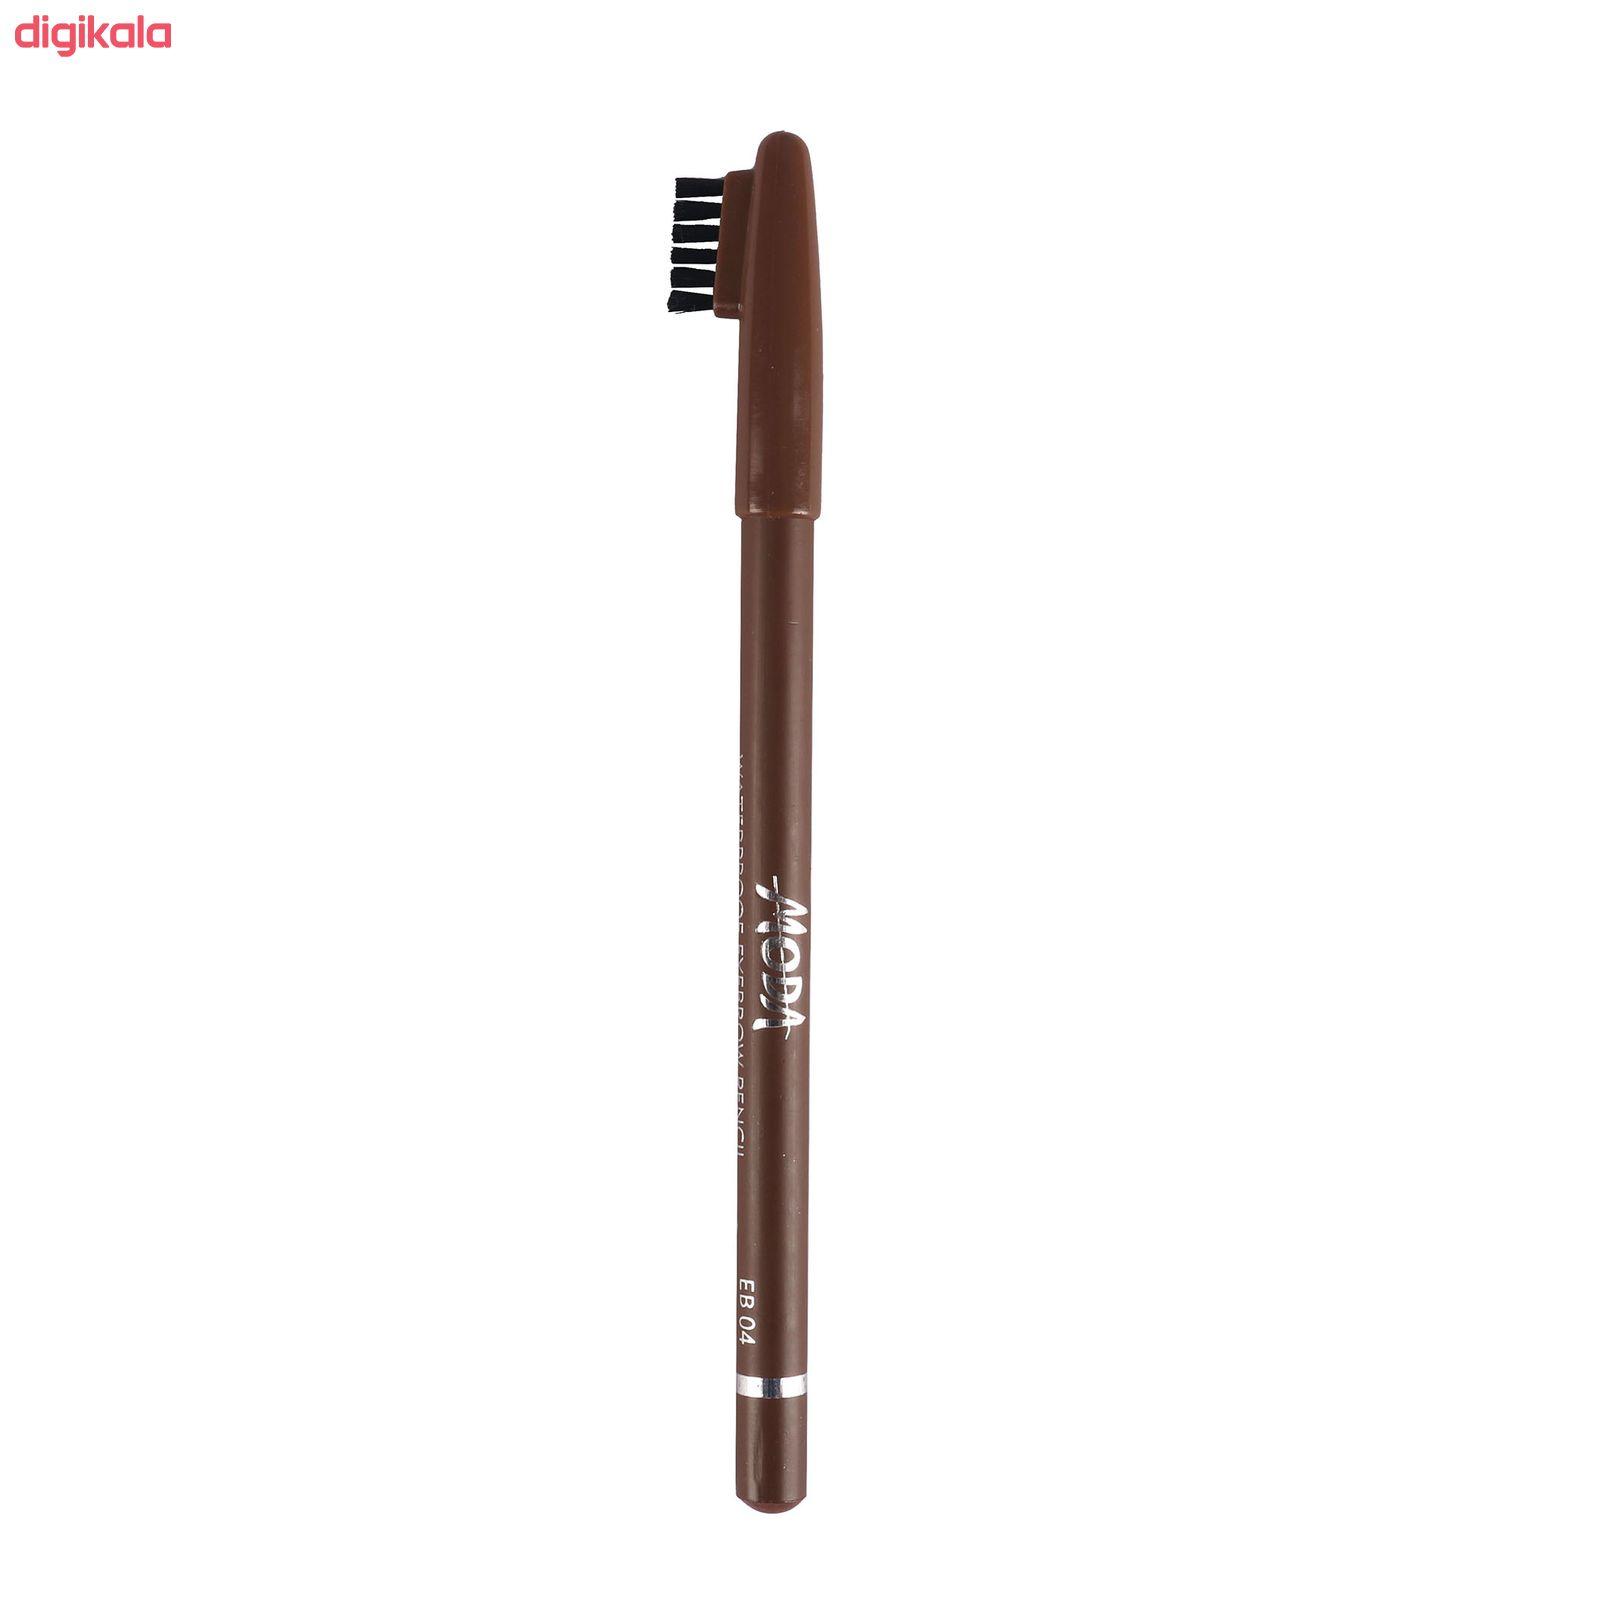 مداد ابرو مودا شماره 04 EB کد 02 main 1 1